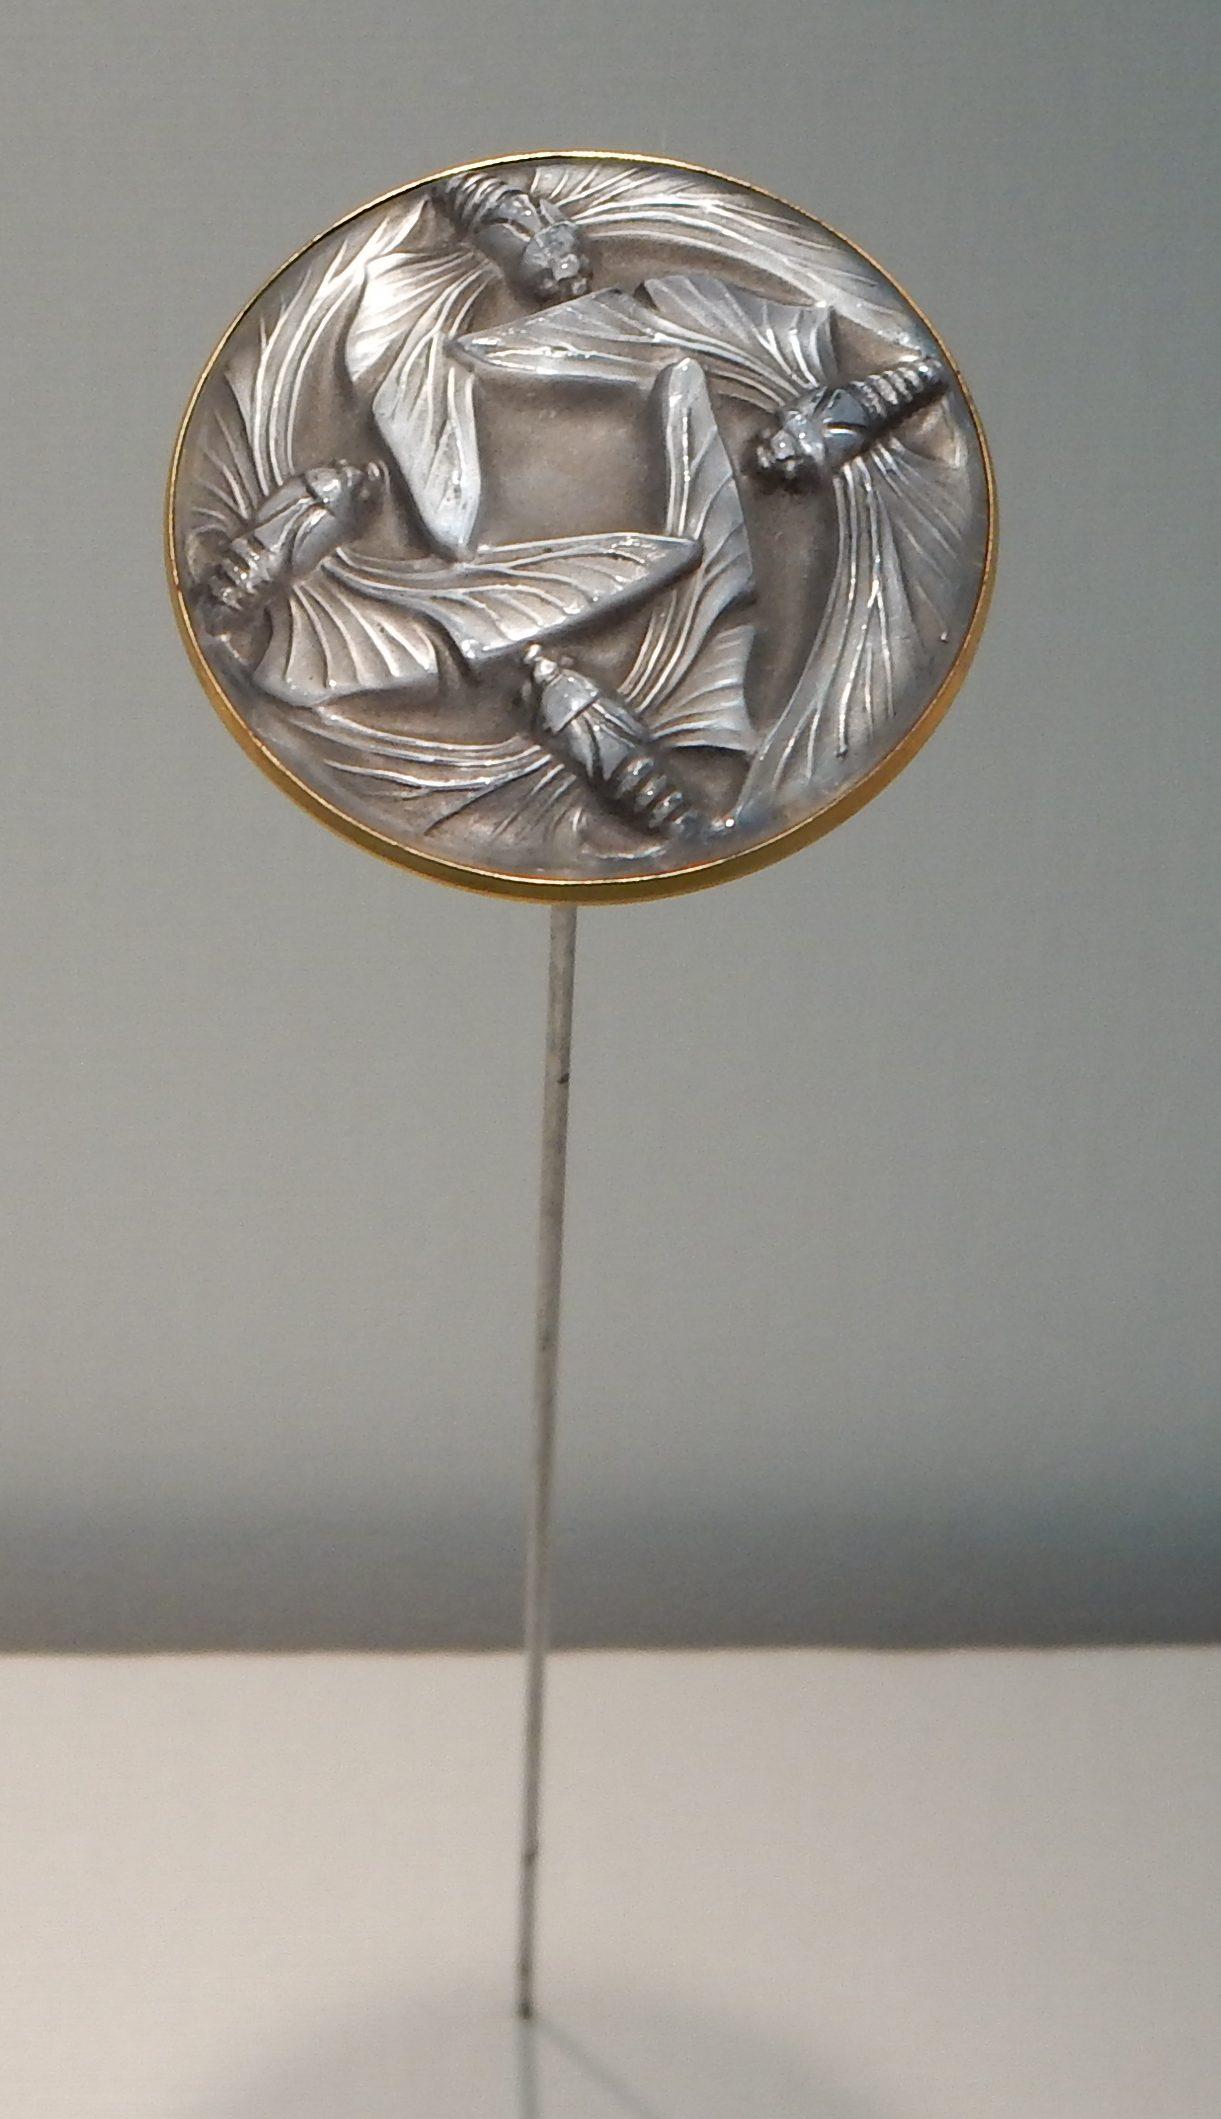 René Lalique, hoedennaald, 1908-1910. Schmuckmuseum Pforzheim, september 2018. Foto met dank aan Coert Peter Krabbe, CC BY 4.0